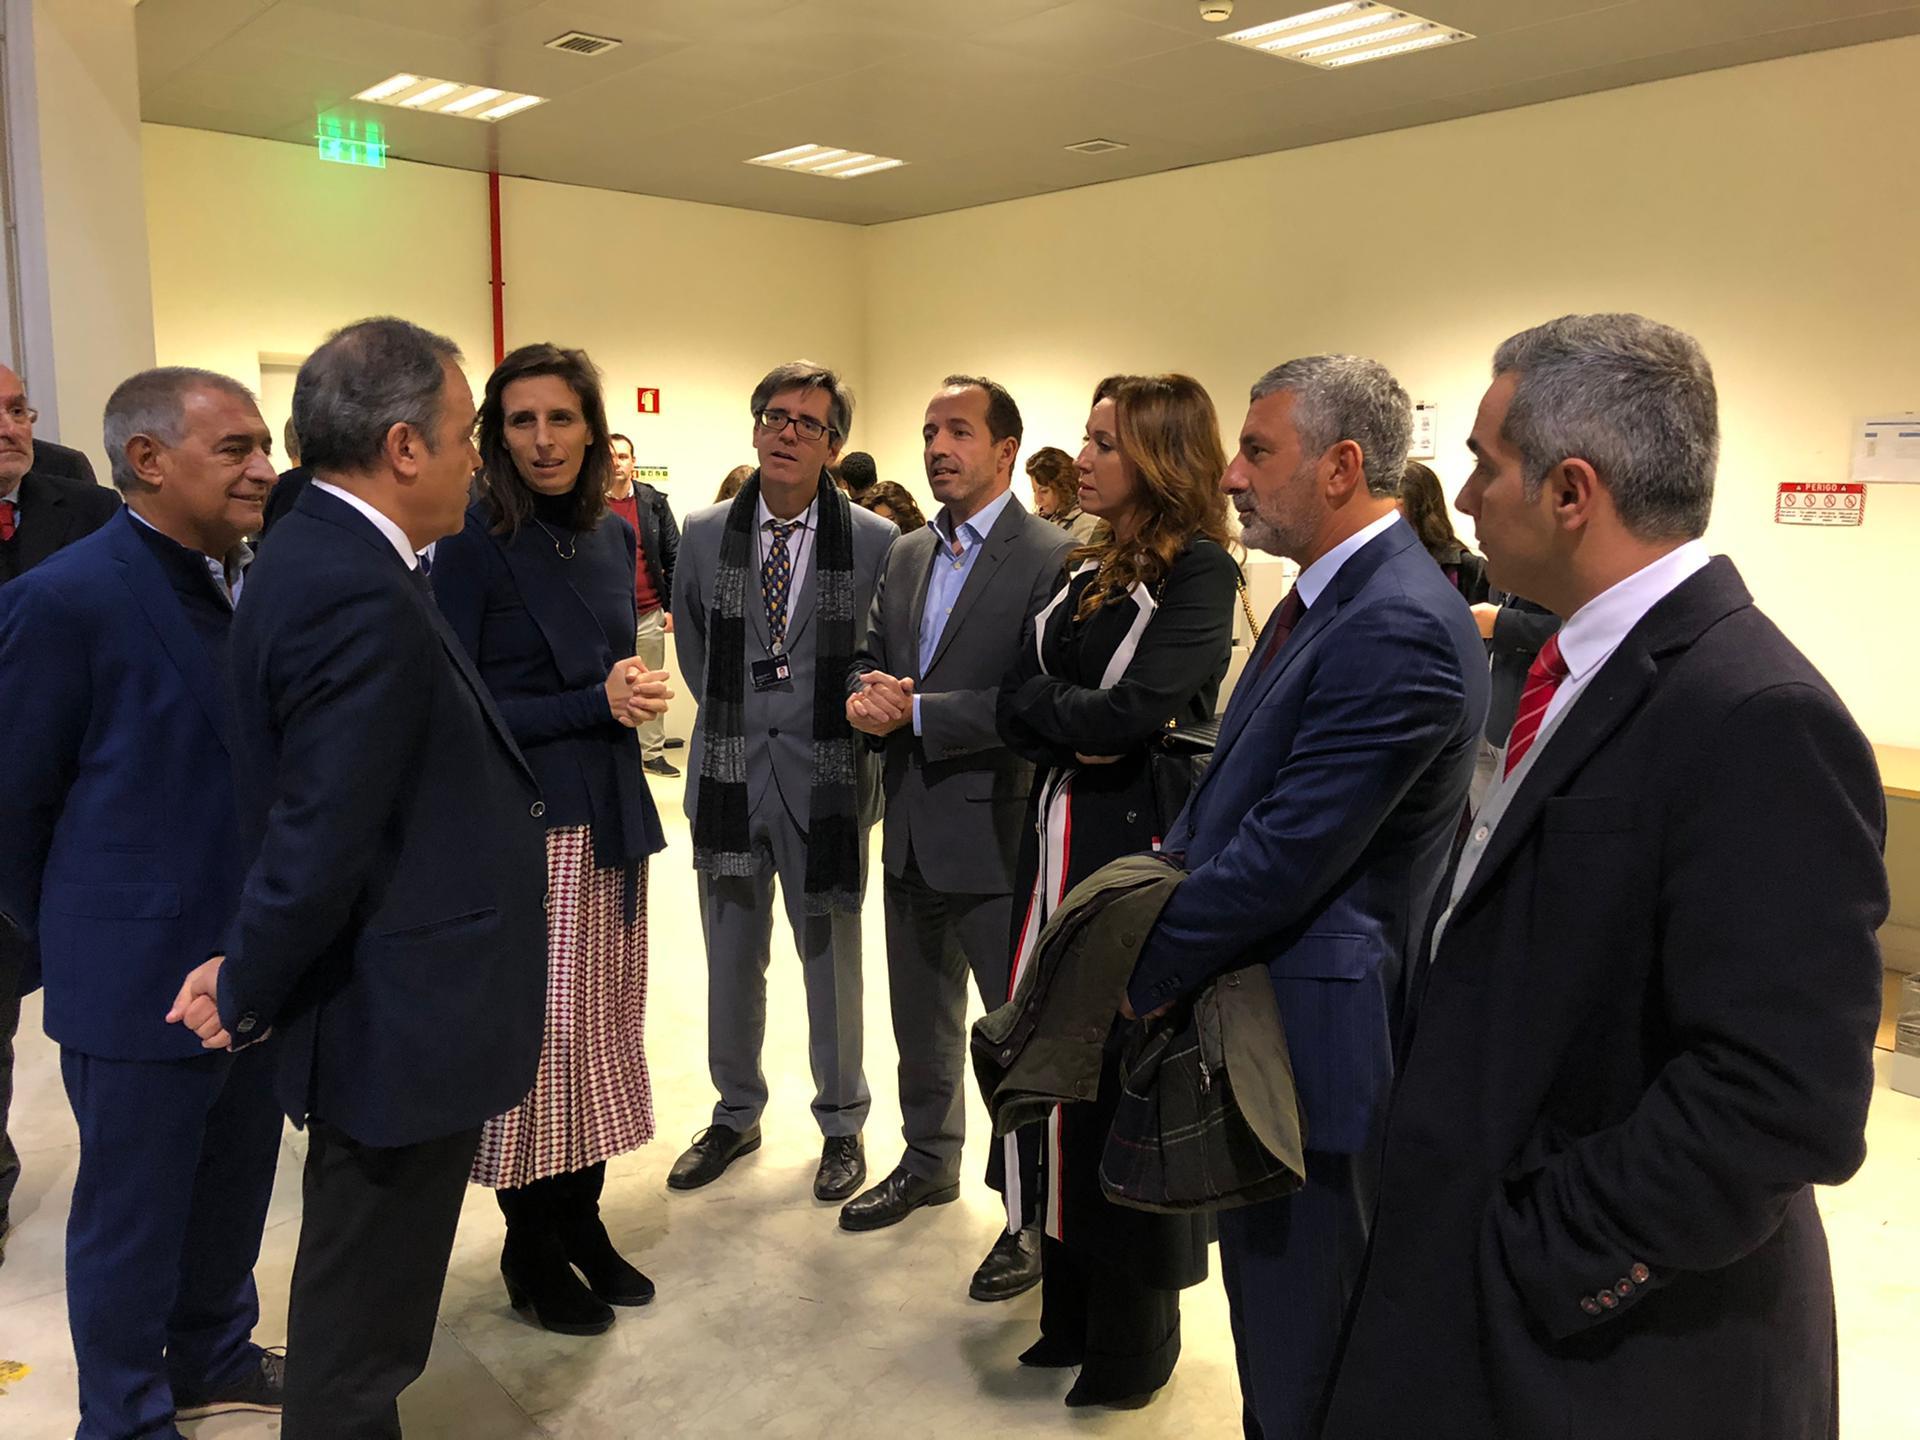 Visita da Secretária de Estado Jamila Madeira ao SNS